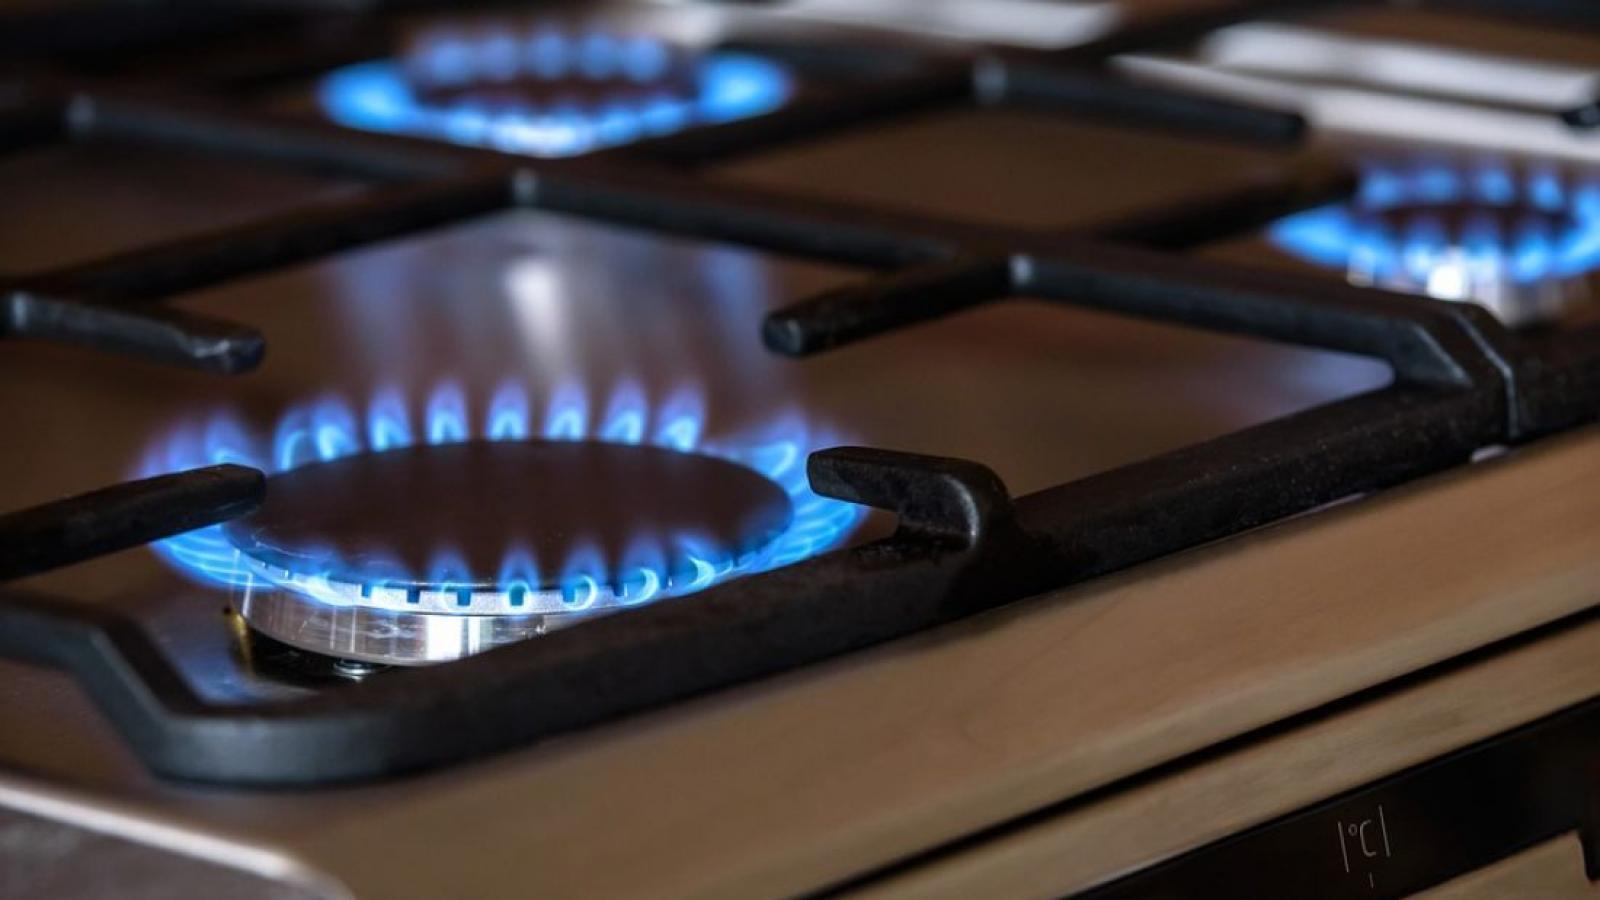 Эксперты проверят газовую плиту из взорвавшейся квартиры в Вологде